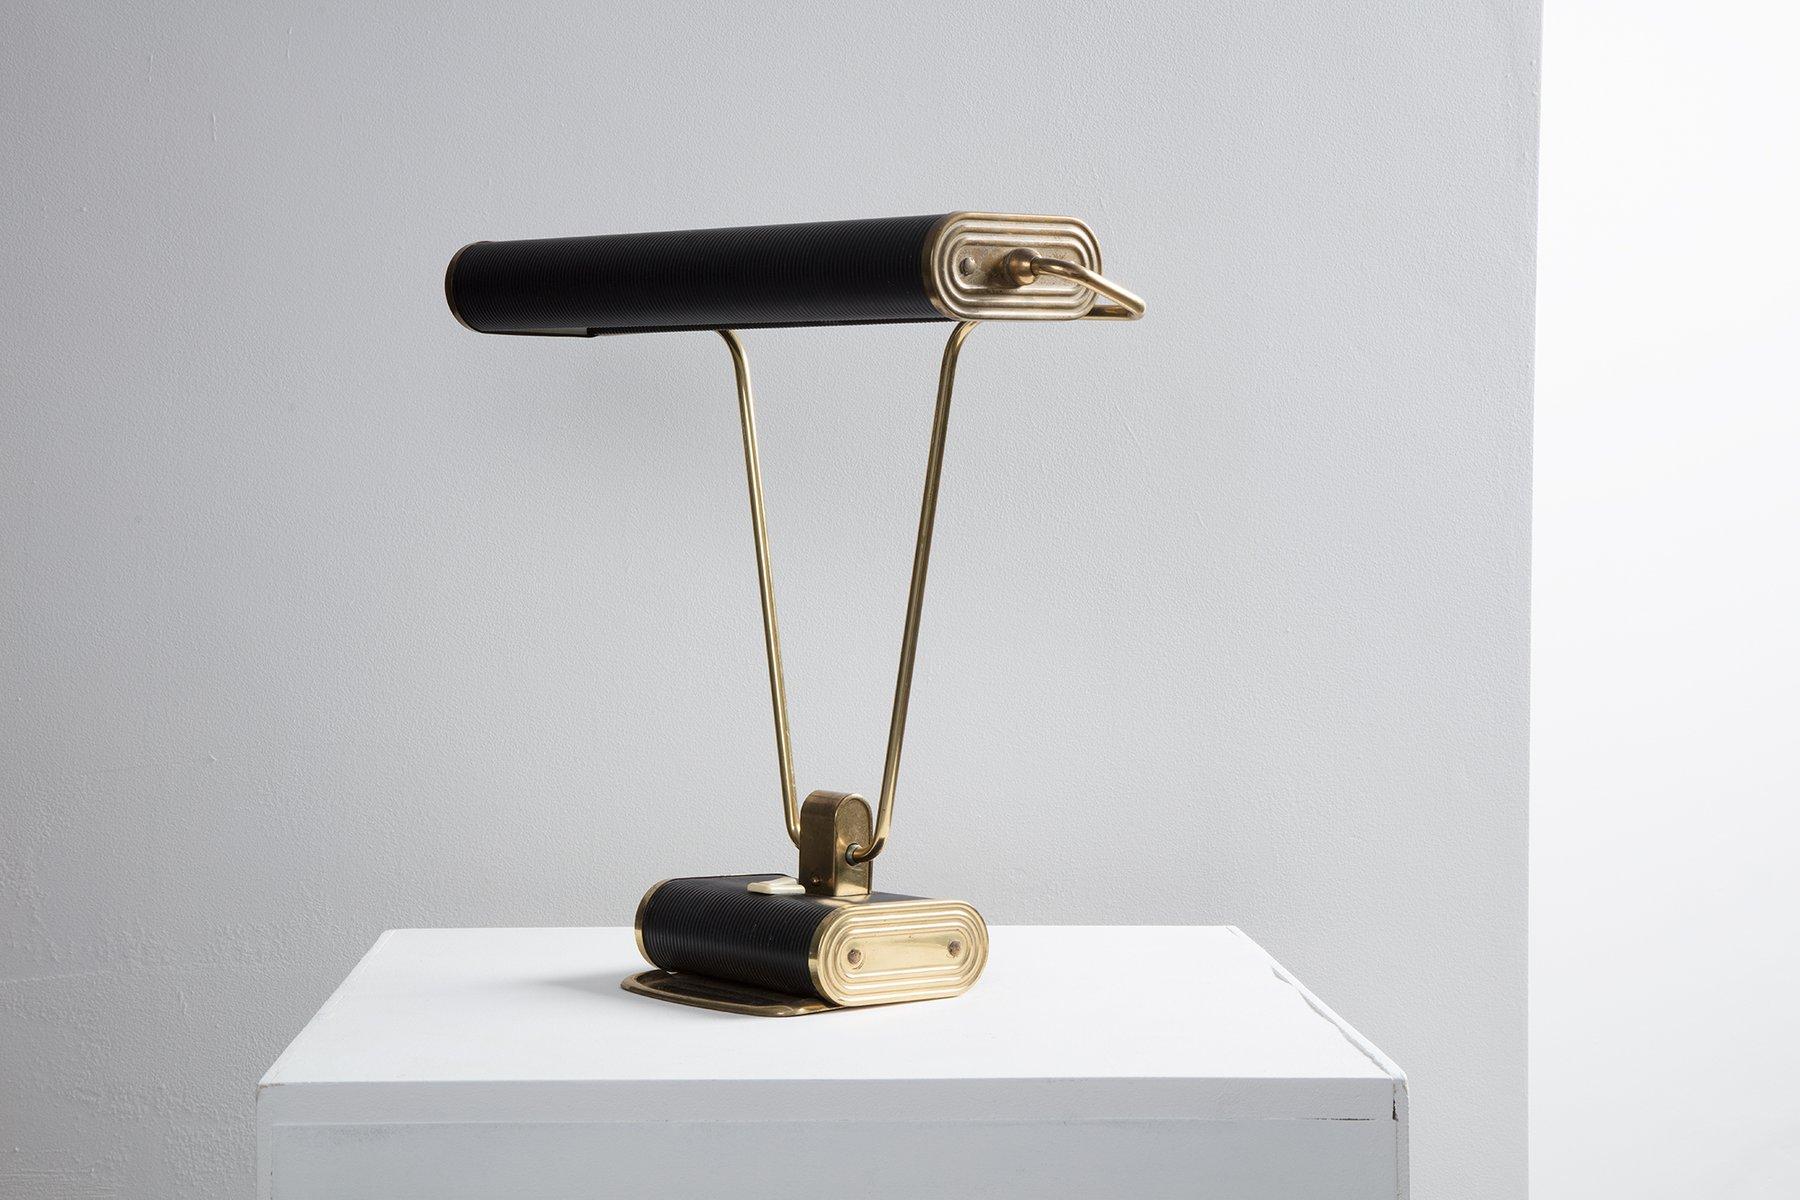 lampe de bureau n71 par eileen gray pour jumo 1940s en vente sur pamono. Black Bedroom Furniture Sets. Home Design Ideas